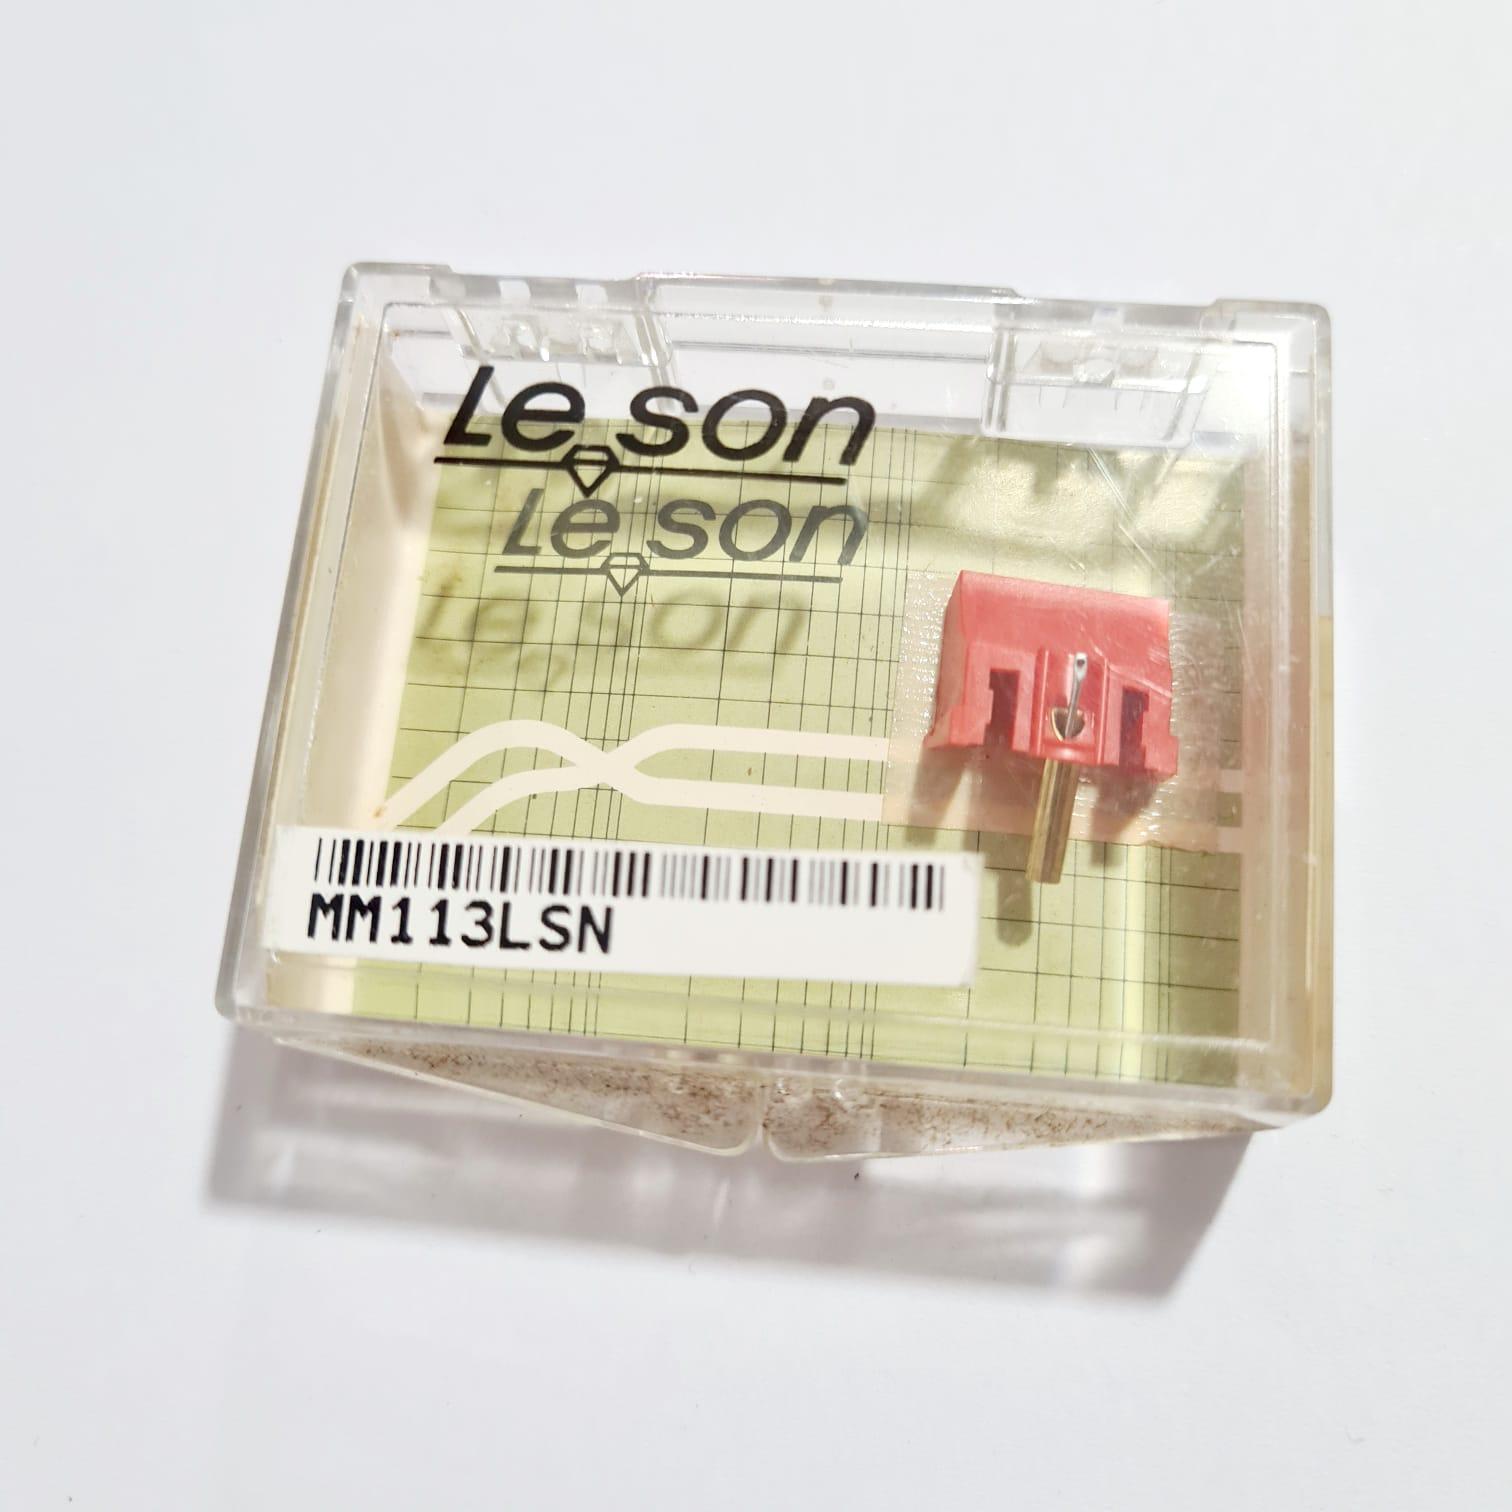 Agulha de Som MM113 Leson (Toca Discos)